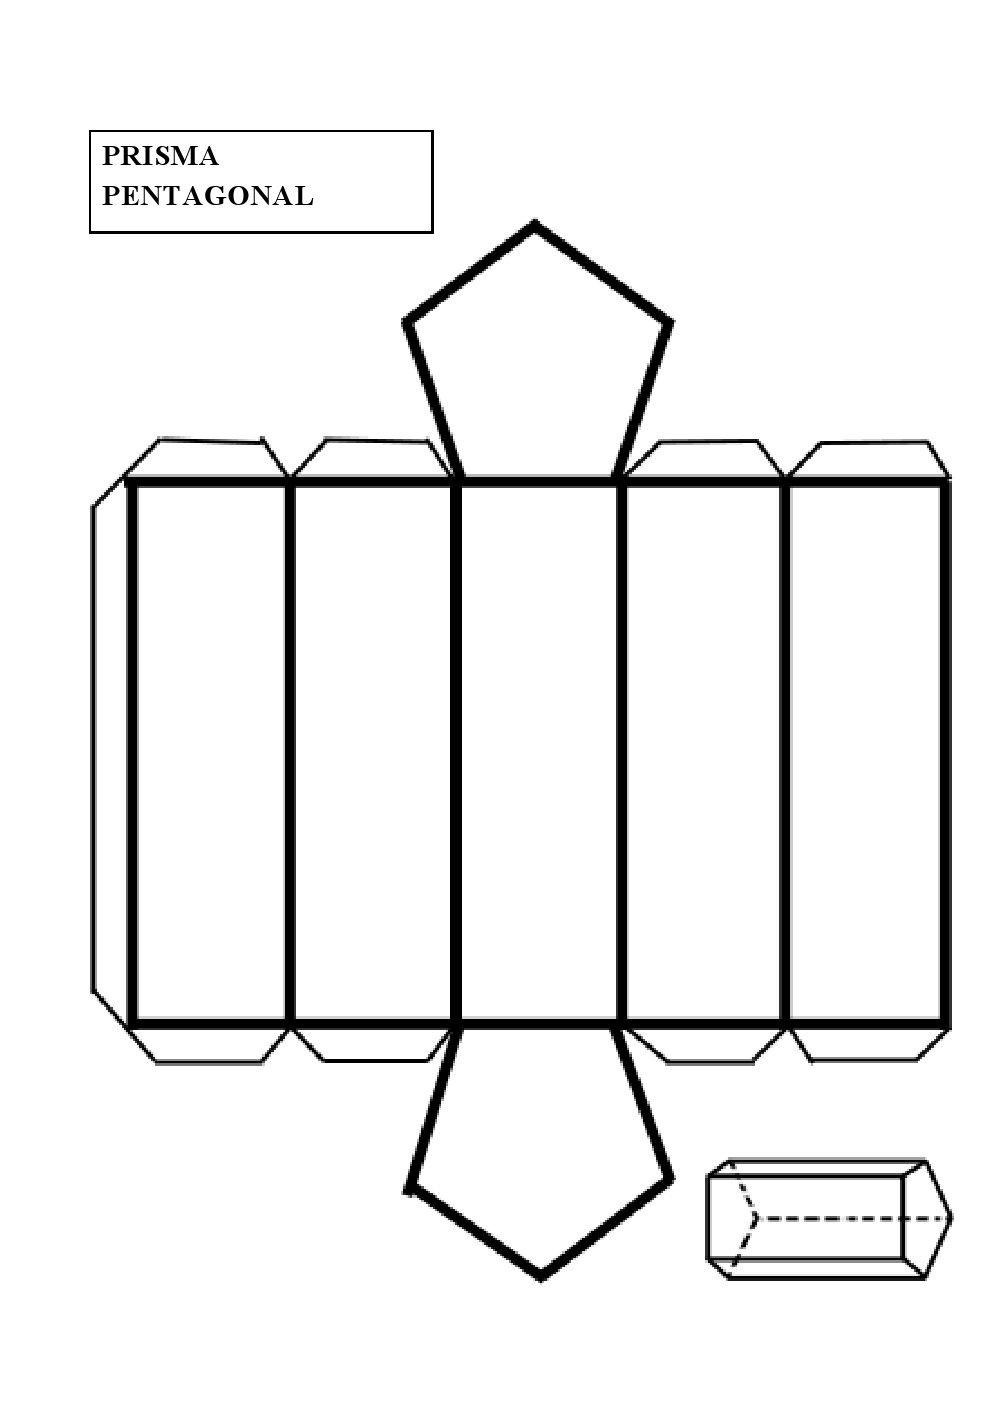 Construir un prisma pentagonal   matematika 4.osztály   Pinterest ...